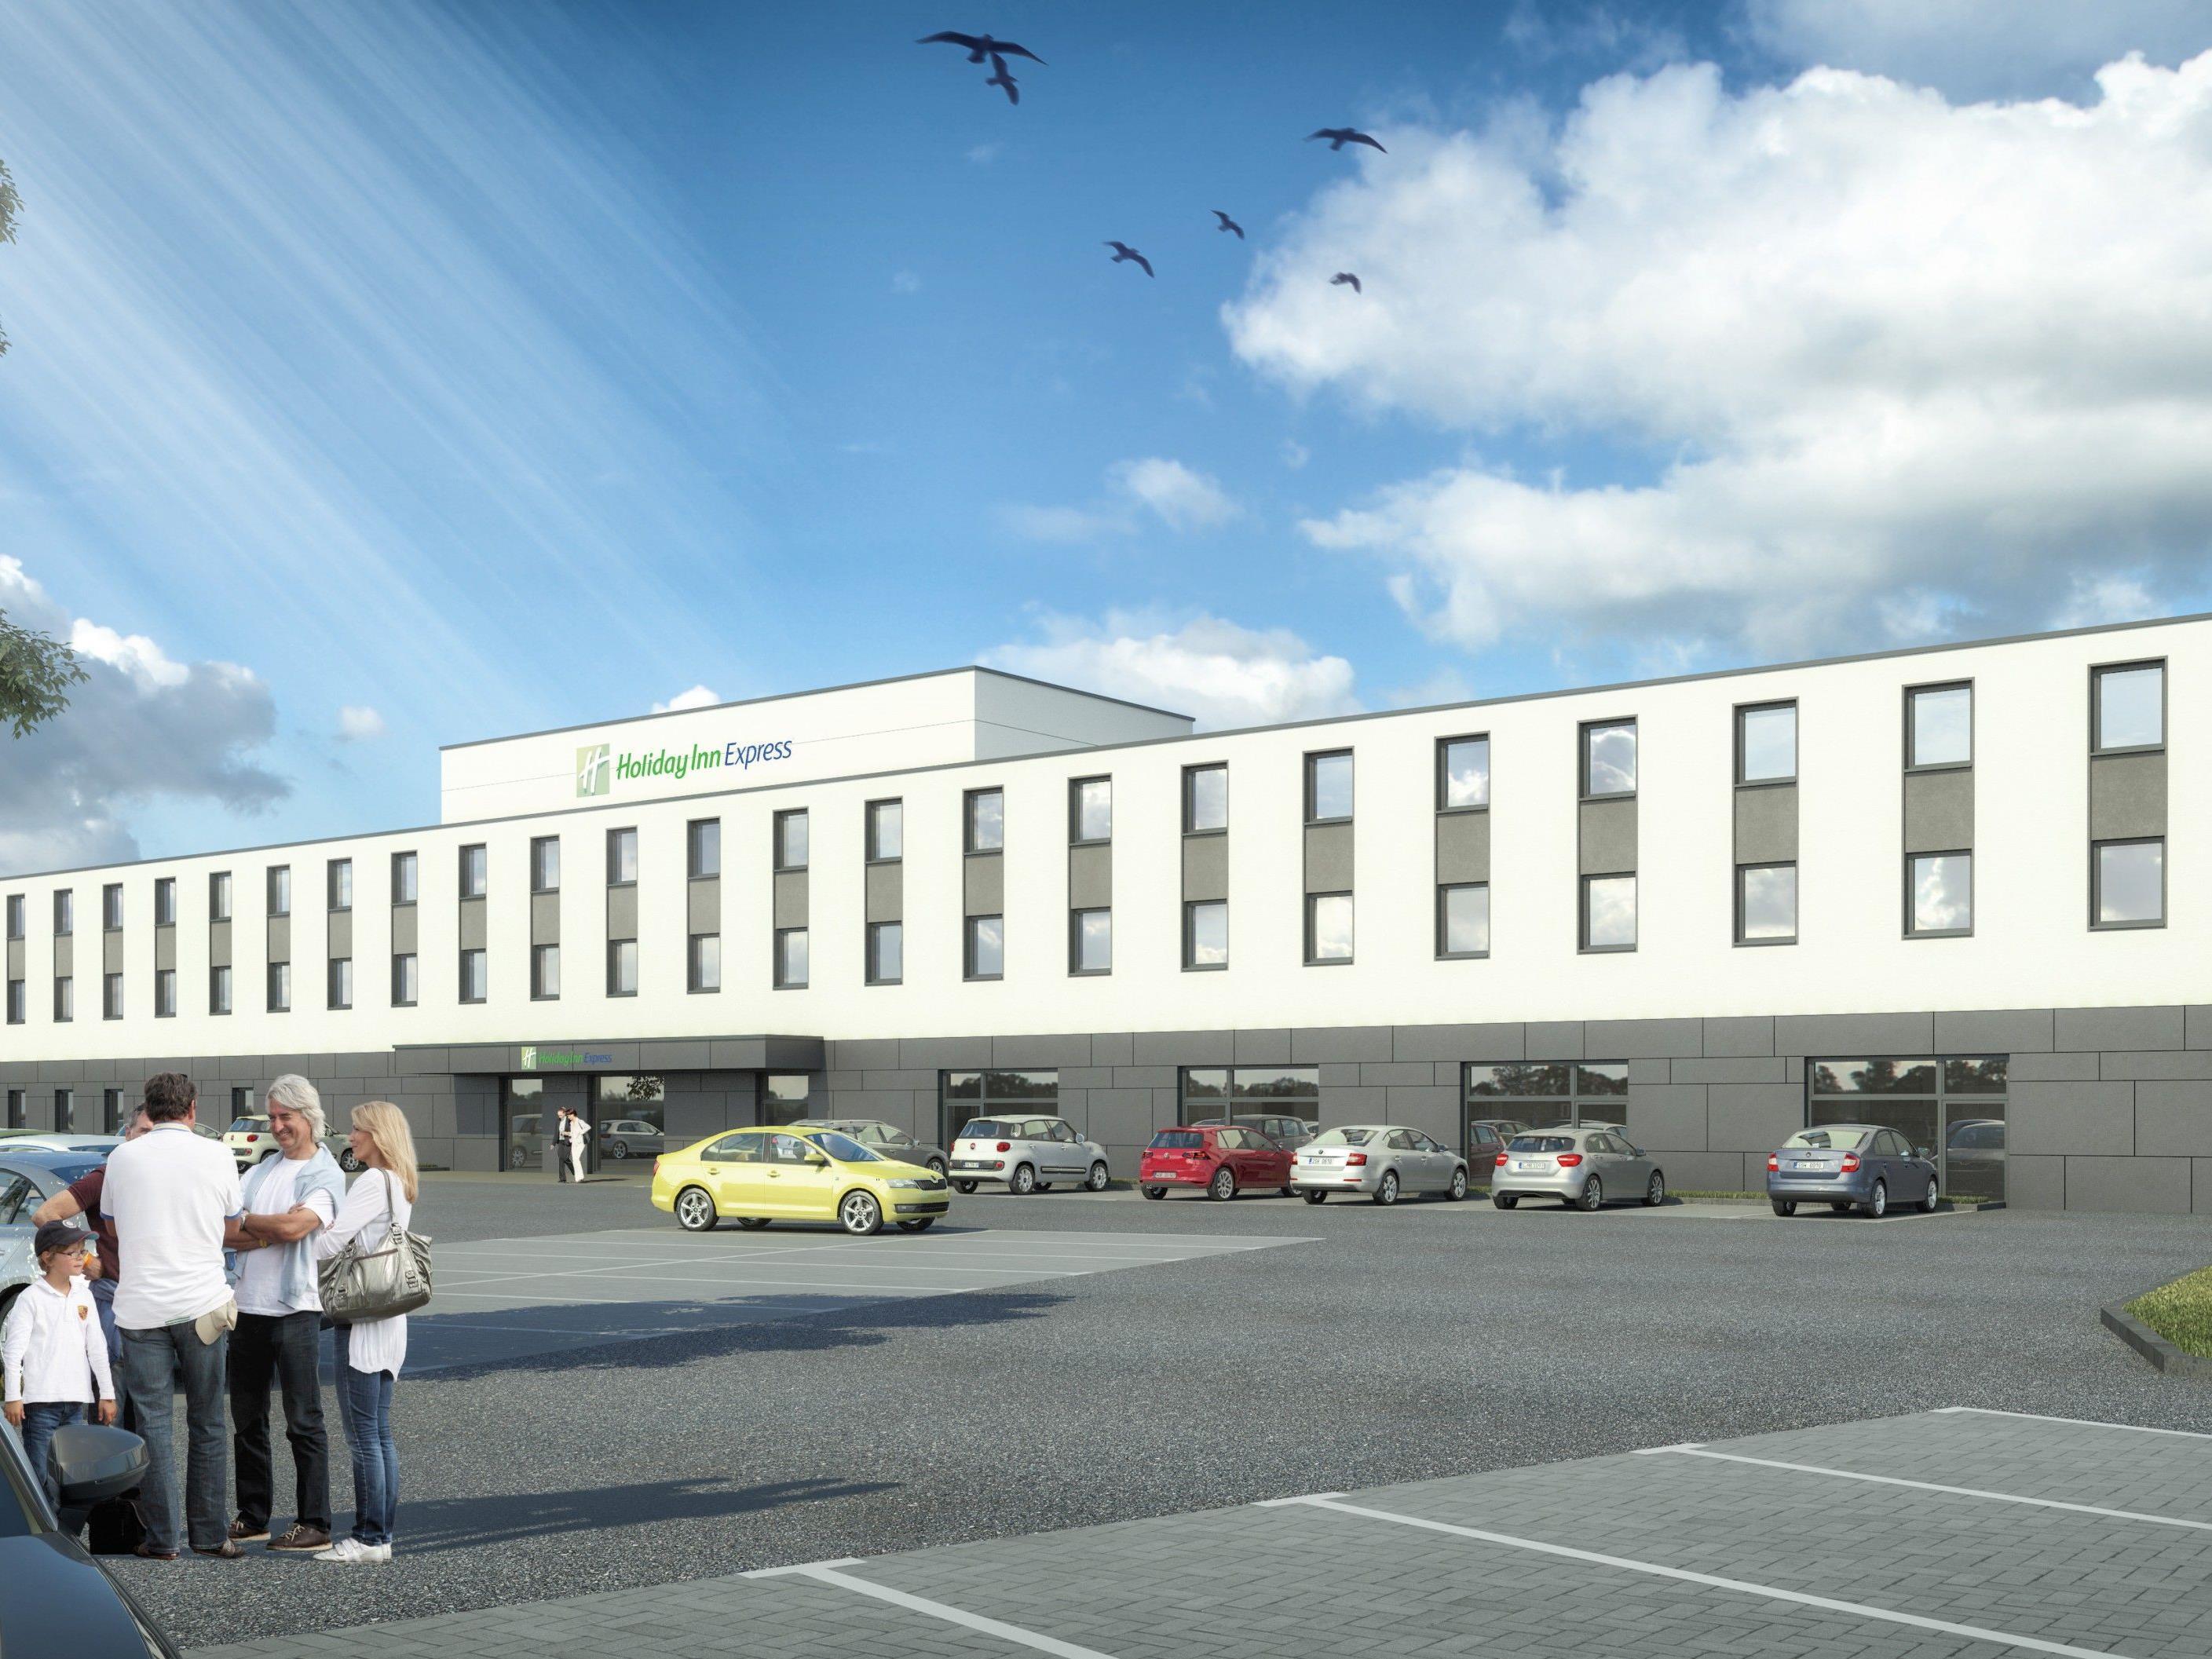 i+R errichtet das Holiday Inn Express in Ringsheim mit 131 Zimmern bis August 2018.